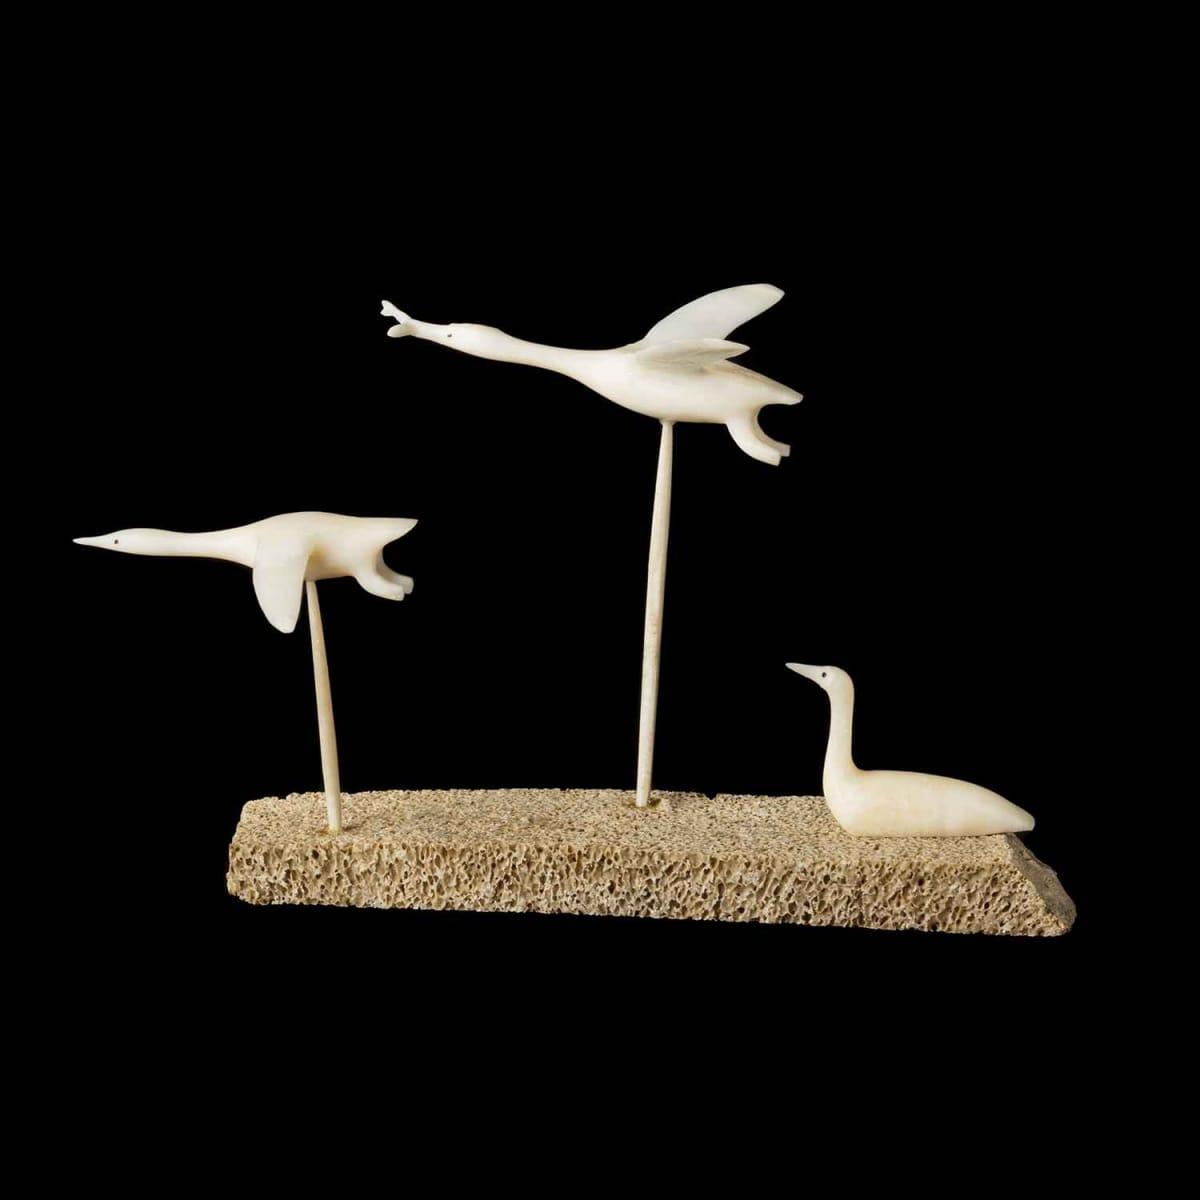 11. Attr.: FABIEN OOGAAQ (1923-1992), KUGAARUK (PELLY BAY) Three Birds, 1968